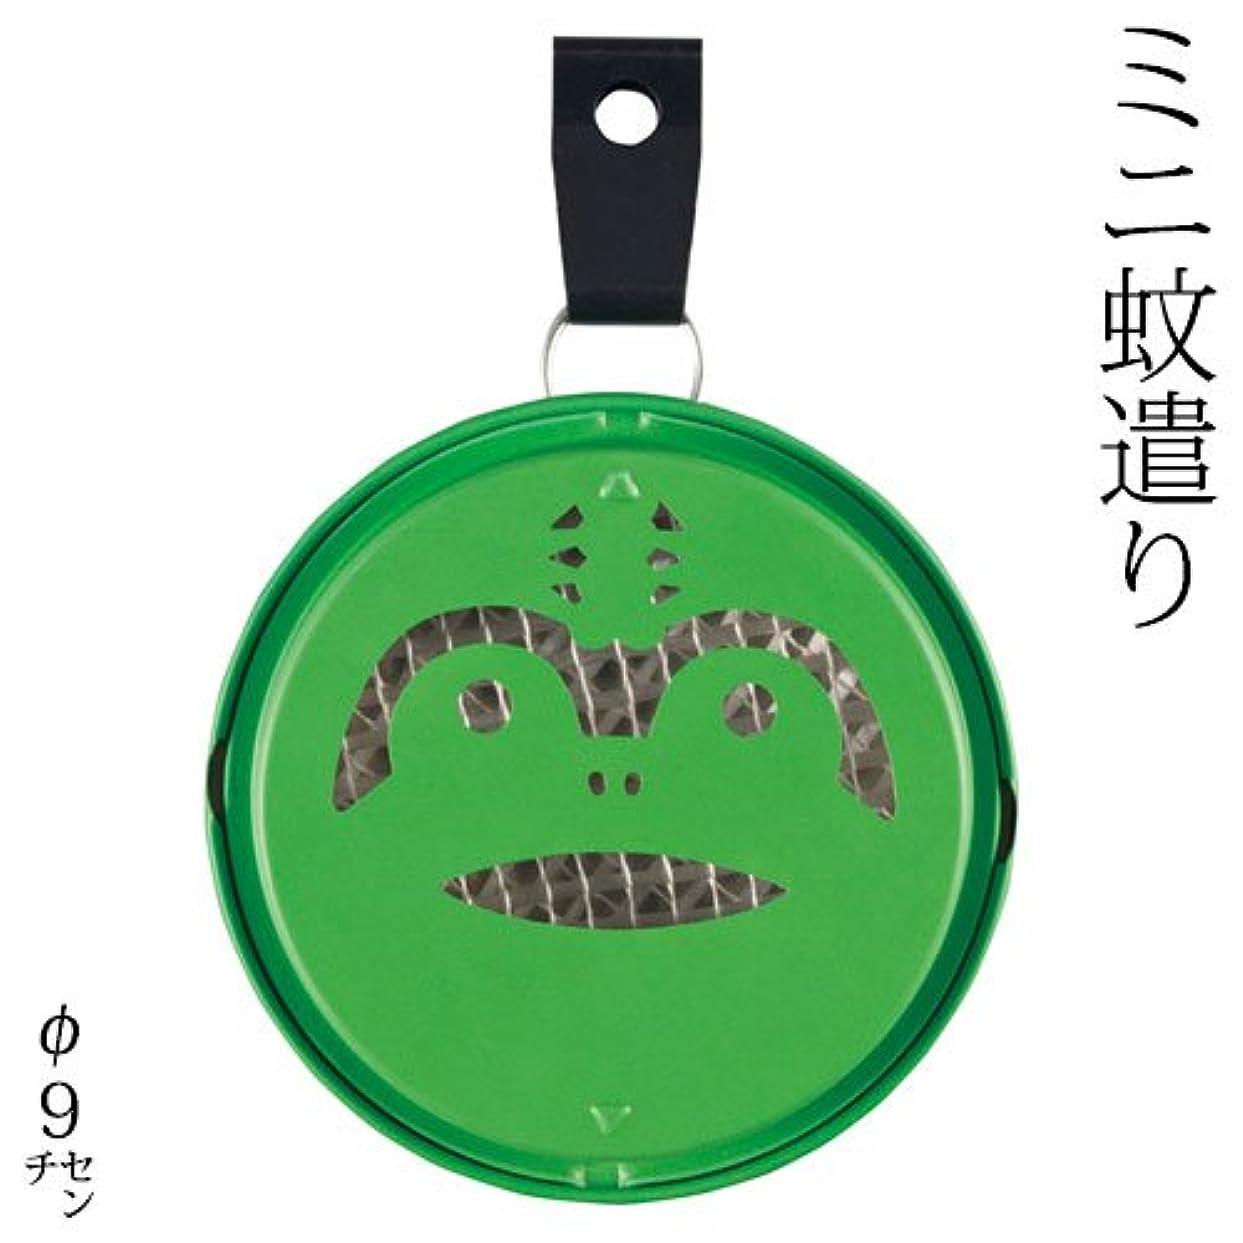 影のある星市民DECOLEポータブルミニ蚊遣りカエル (SK-13932)吊り下げ?床置き対応Portable mini Kayari